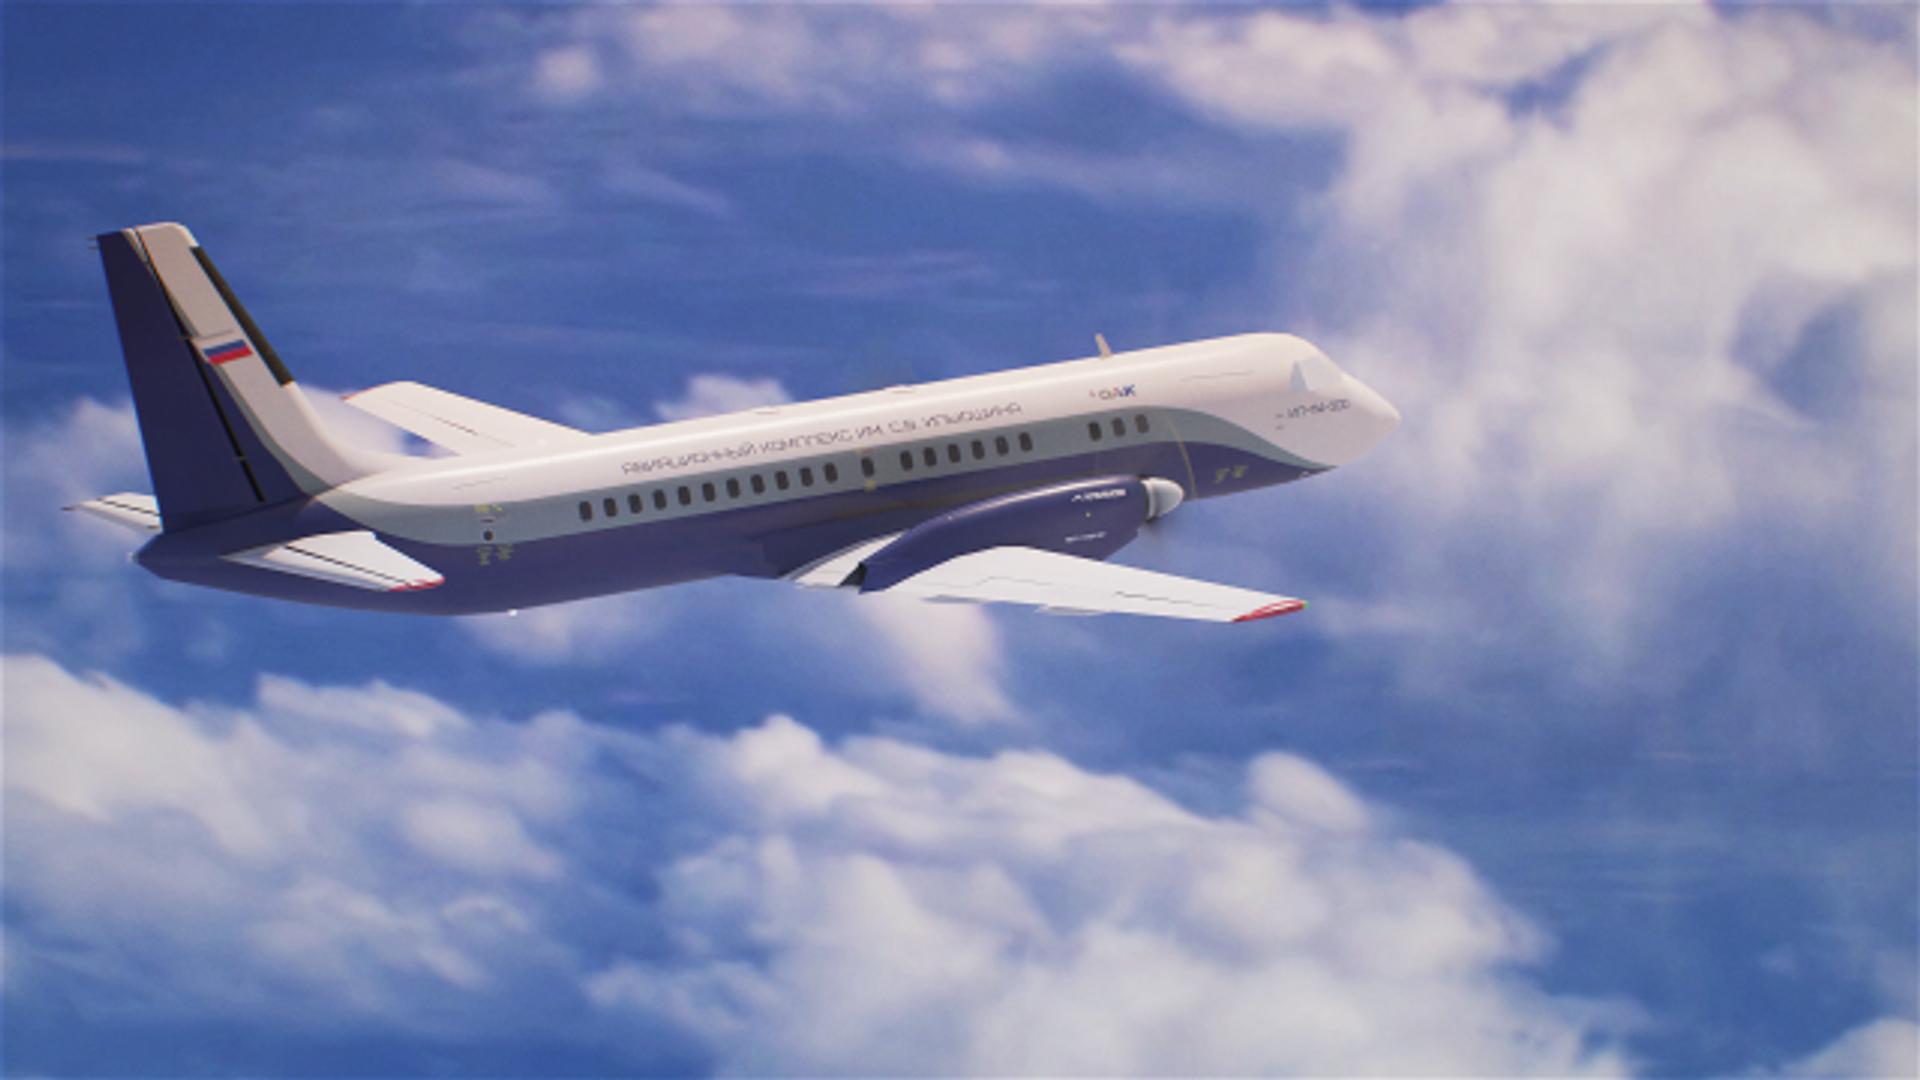 Новый российский пассажирский самолет Ил-114-300 - РИА Новости, 1920, 17.12.2020